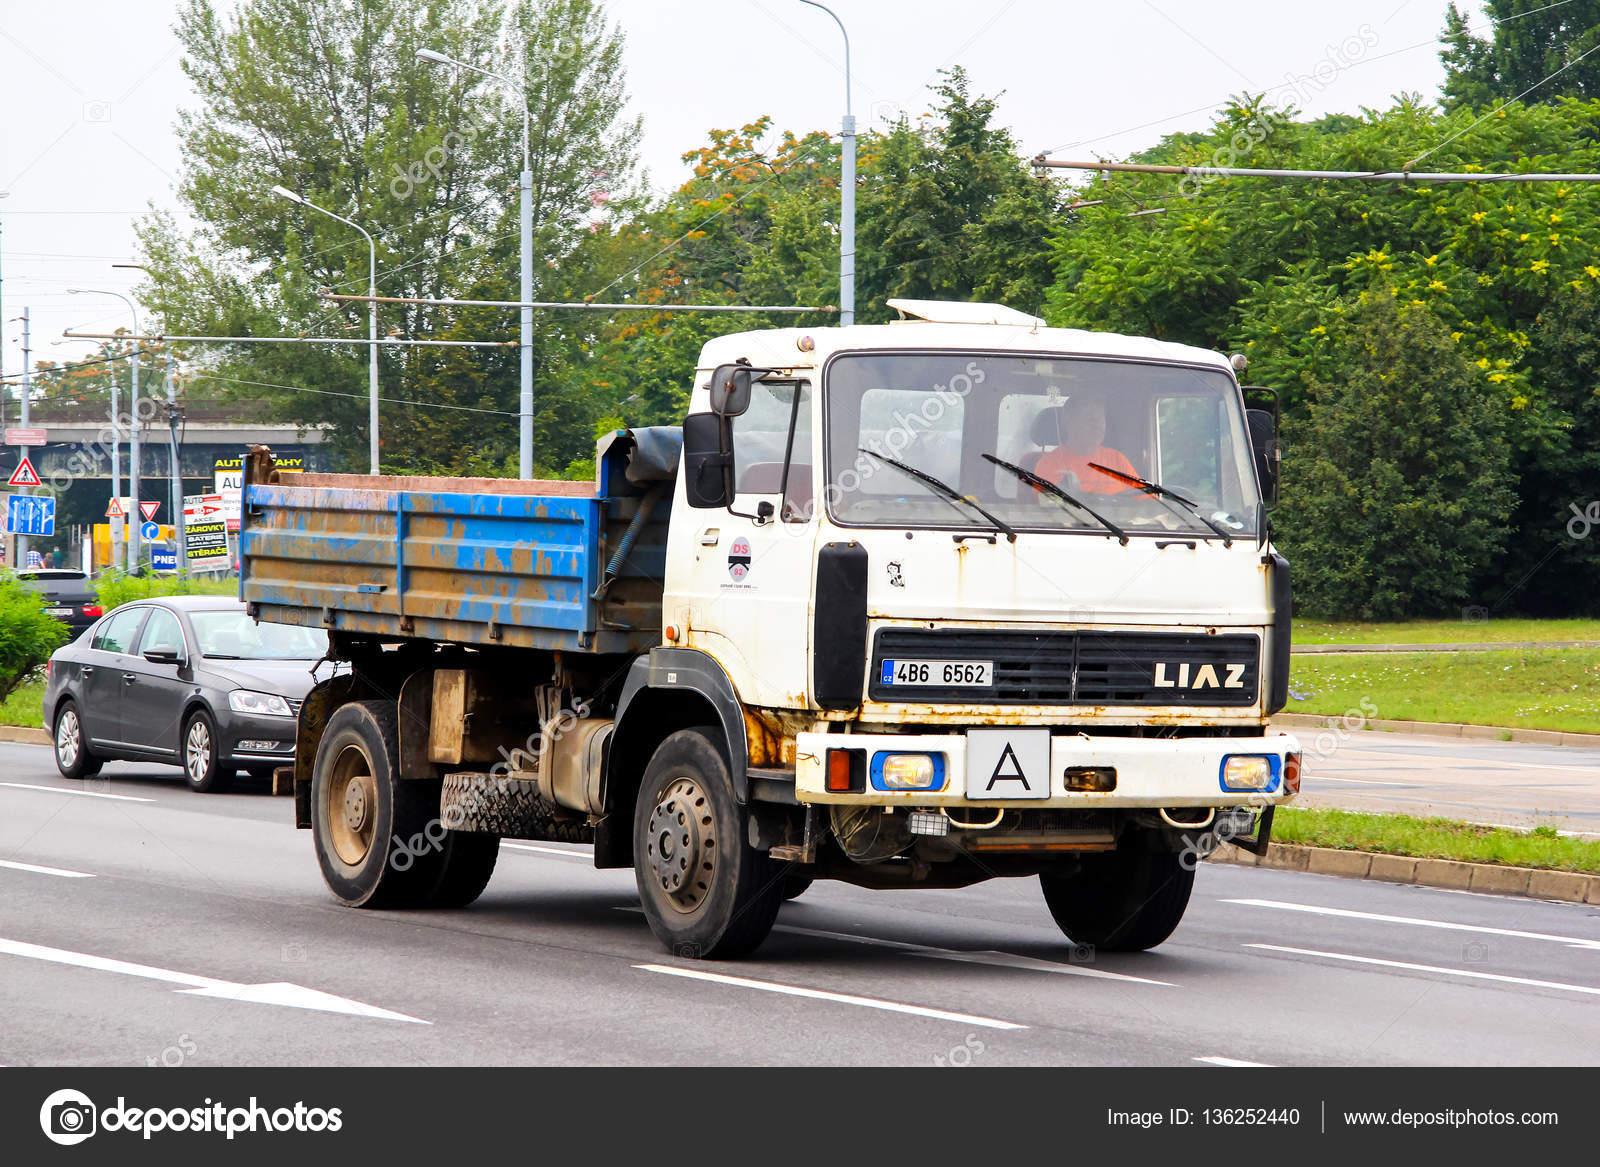 Bardzo dobry Stary samochód ciężarowy Liaz - Zdjęcie stockowe editorial TQ11